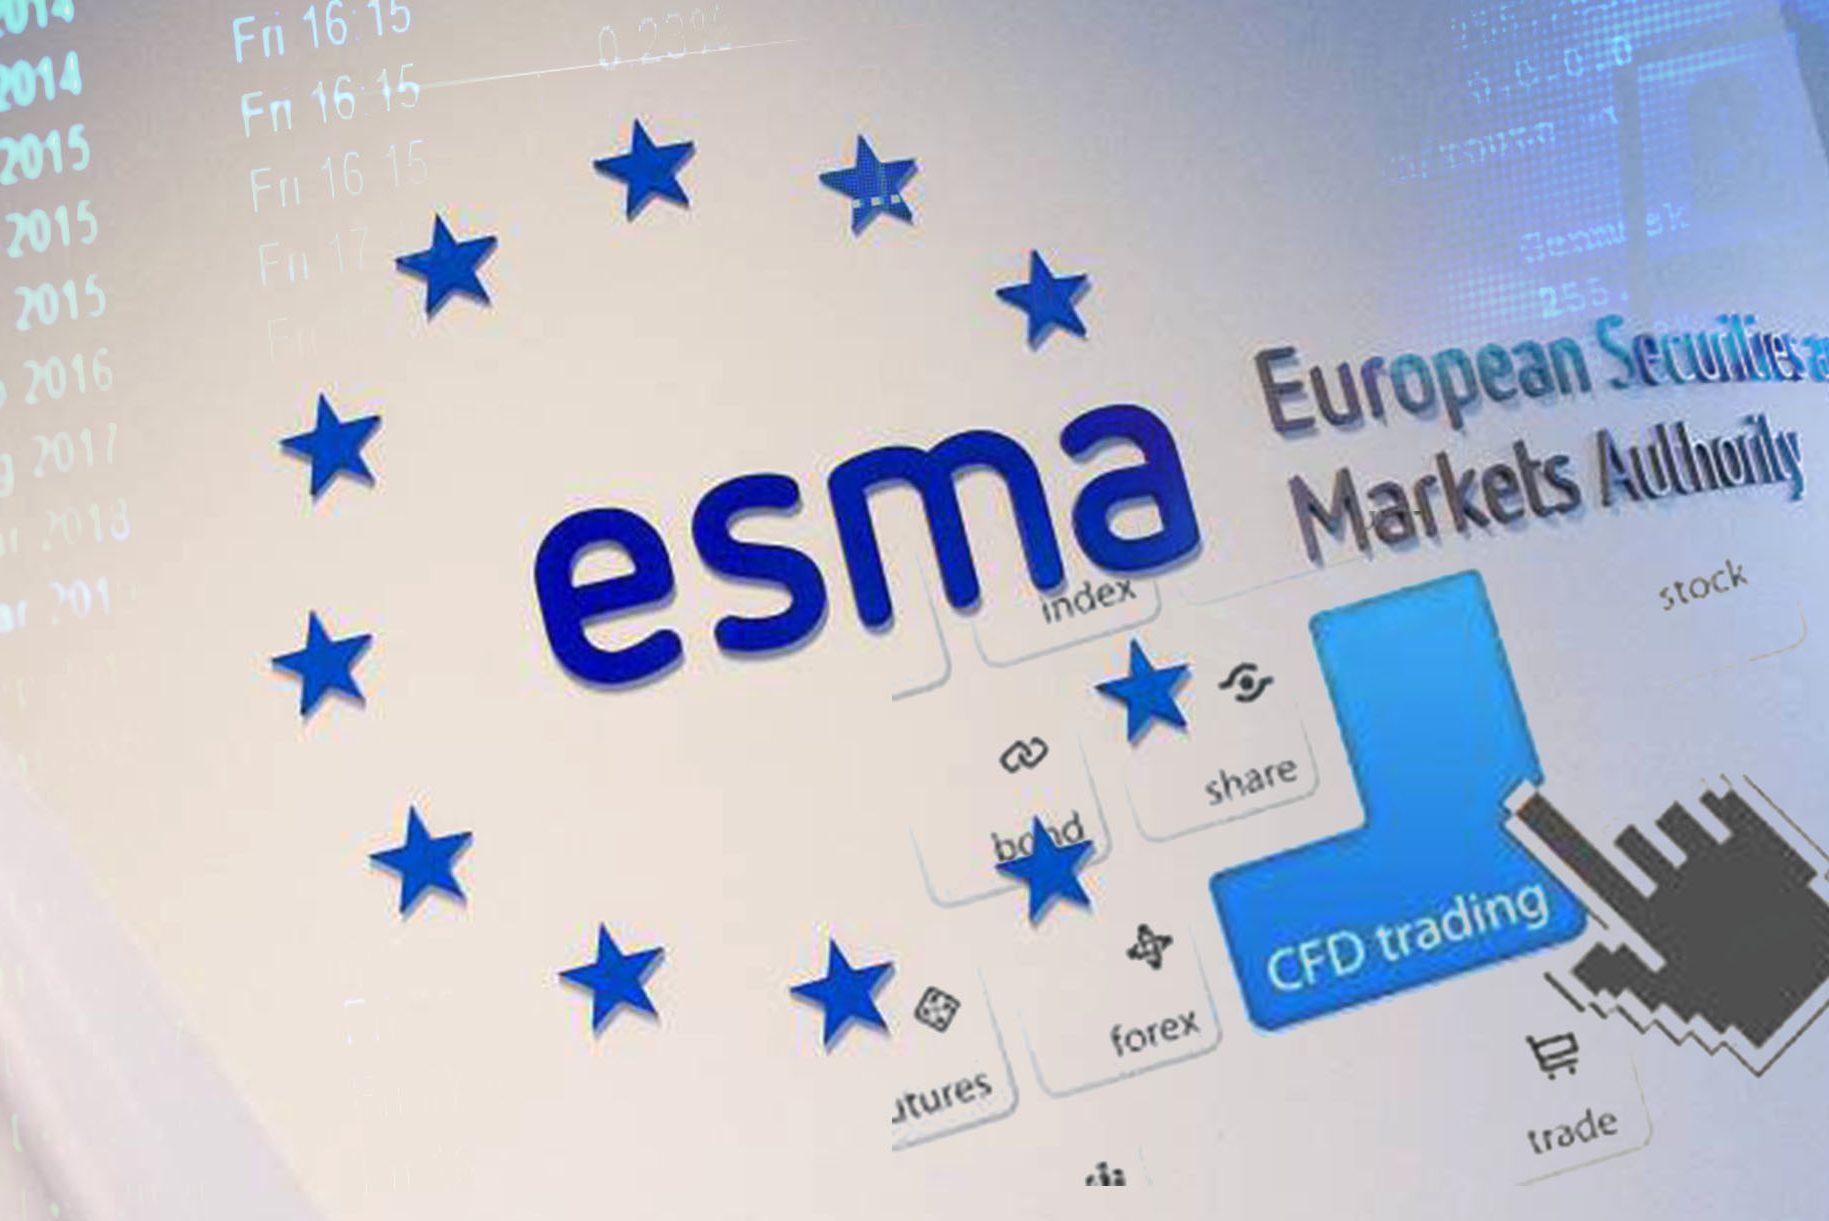 Европейский регулятор ужесточил контроль рынка